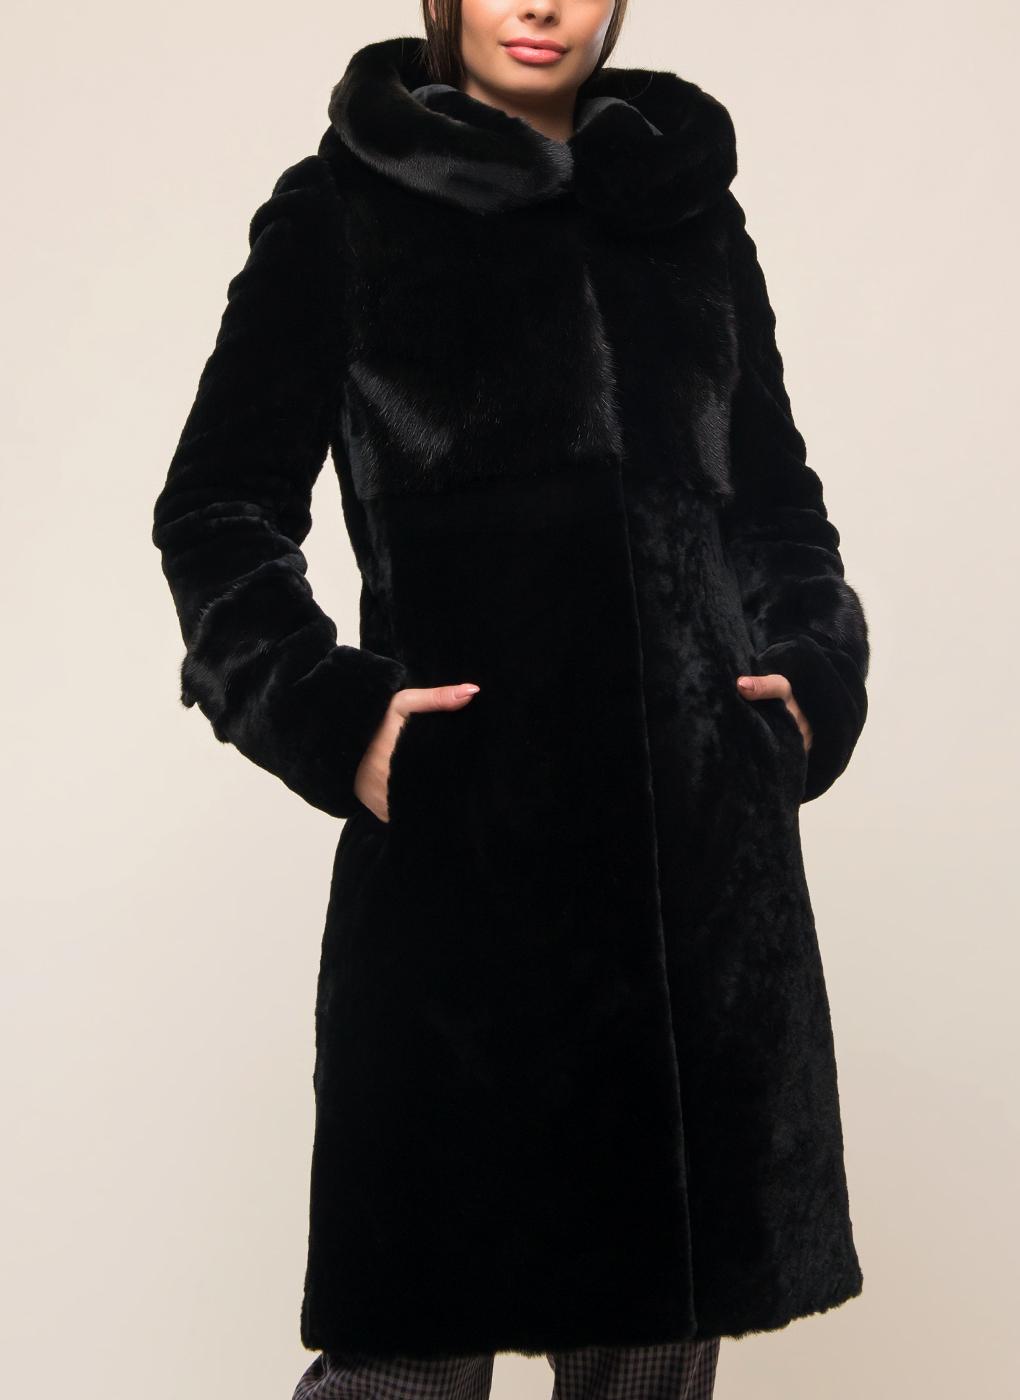 Пальто приталенное из мутона 05, Заря